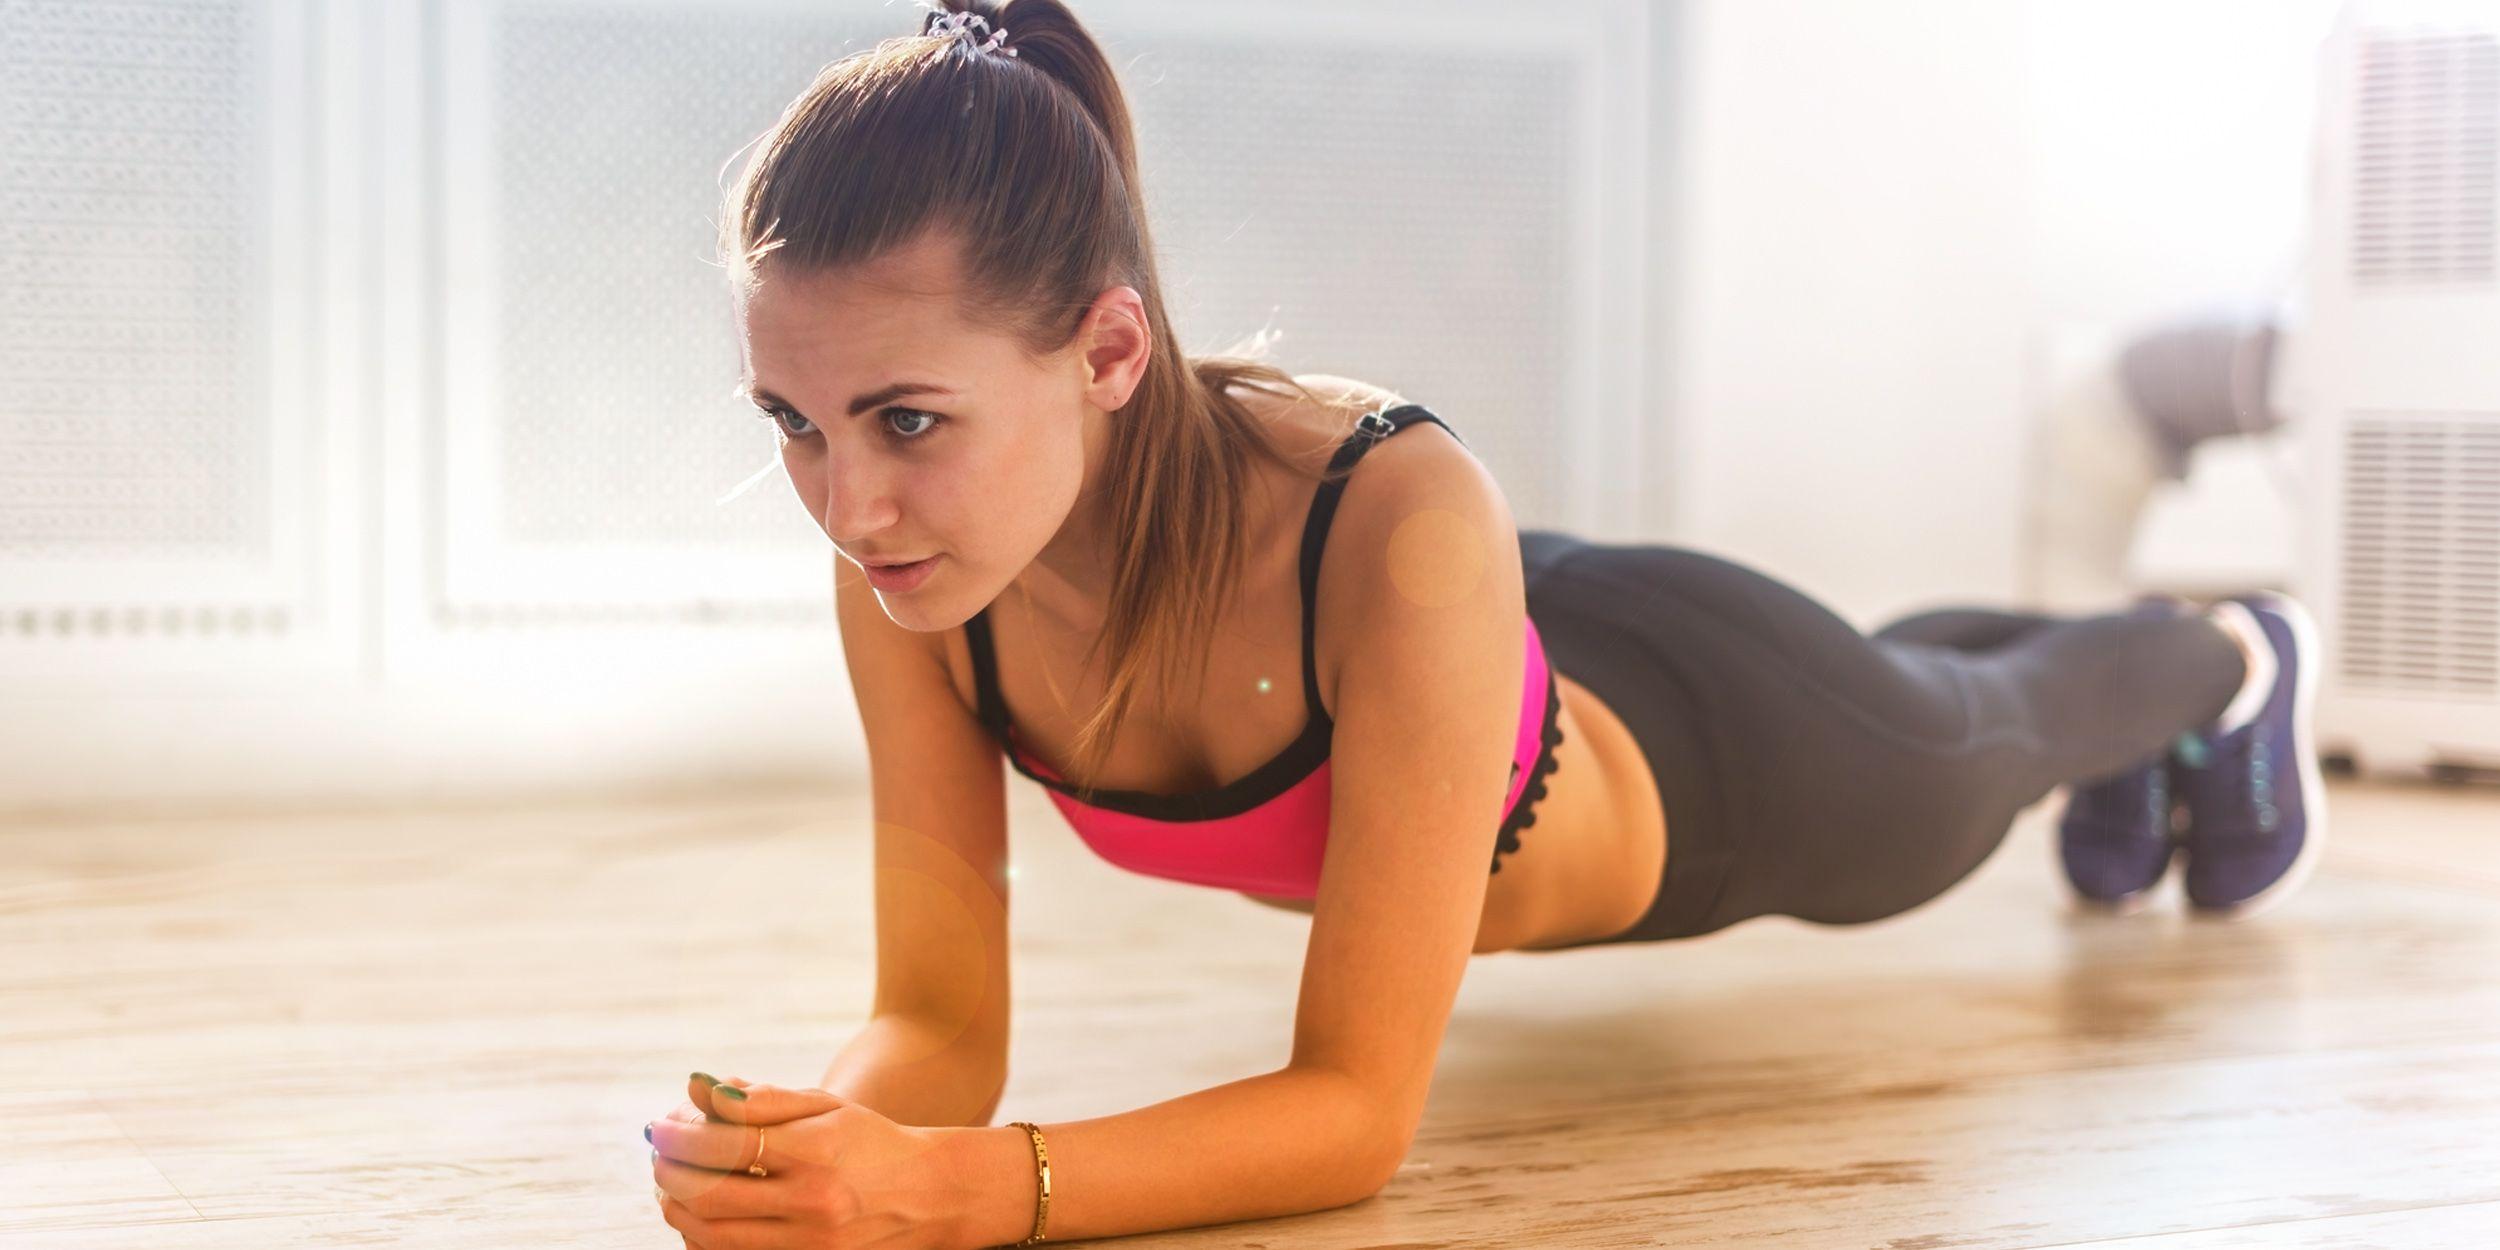 Что такое мышцы кора, где находяться, упражнения для тренировки мышц кора в домашних условиях